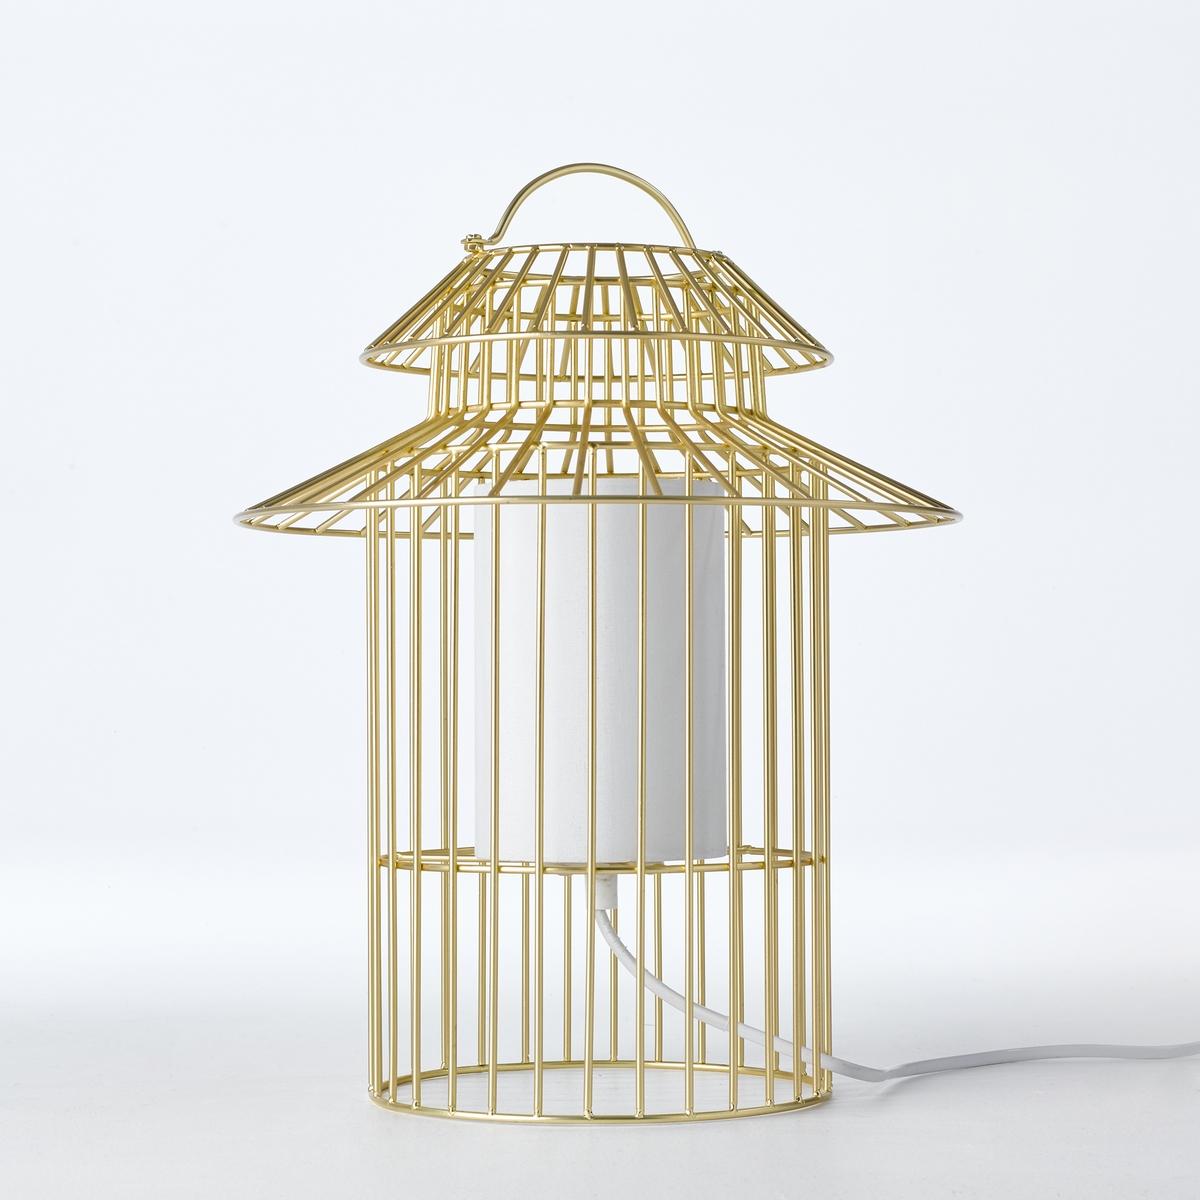 Лампа настольная для детской в форме птичьей клетки CuicuicuiНастольная лампа для детской Cuicuicui. Красивая золотистая птичья клетка для мягкого света и поэтичной нотки...Характеристики : - Проволочный каркас из металла с покрытием эпоксидной краской золотистого цвета- Оборудована защитным экраном, предохраняющим детей от контакта с лампой- Патрон G4 для лампы макс. 20 Вт (продается отдельно)- Трансформатор очень низкого напряжения- Бра того же набора продается на нашем сайтеРазмеры : - ?29 x В.37 см<br><br>Цвет: металл